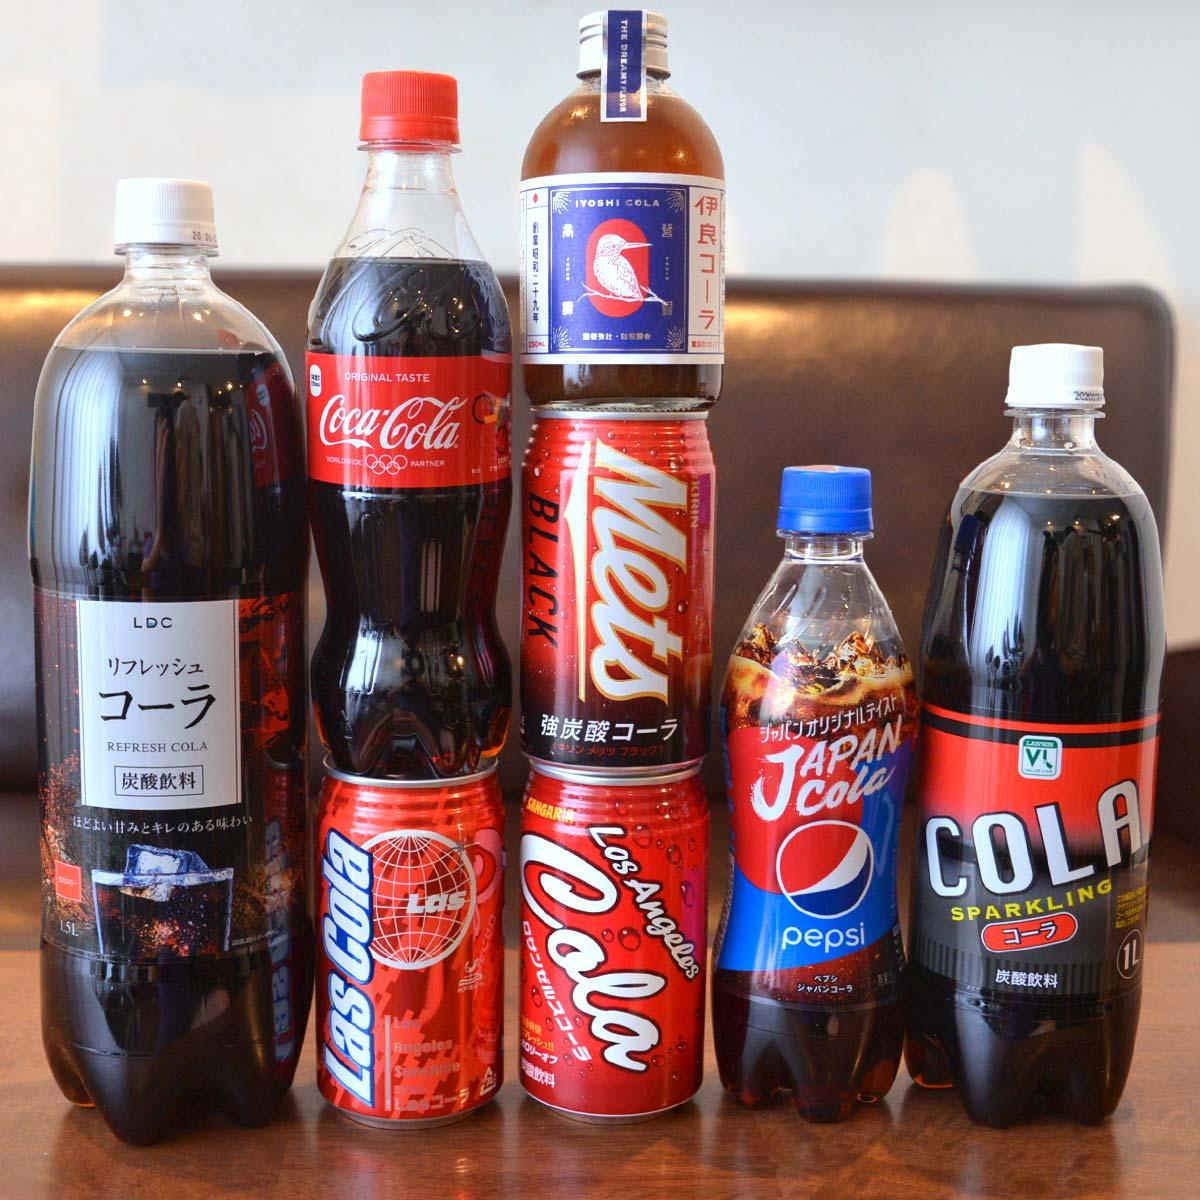 いま「コーラ」界が熱い! 超定番からレアモノまで、8種類を飲み比べ